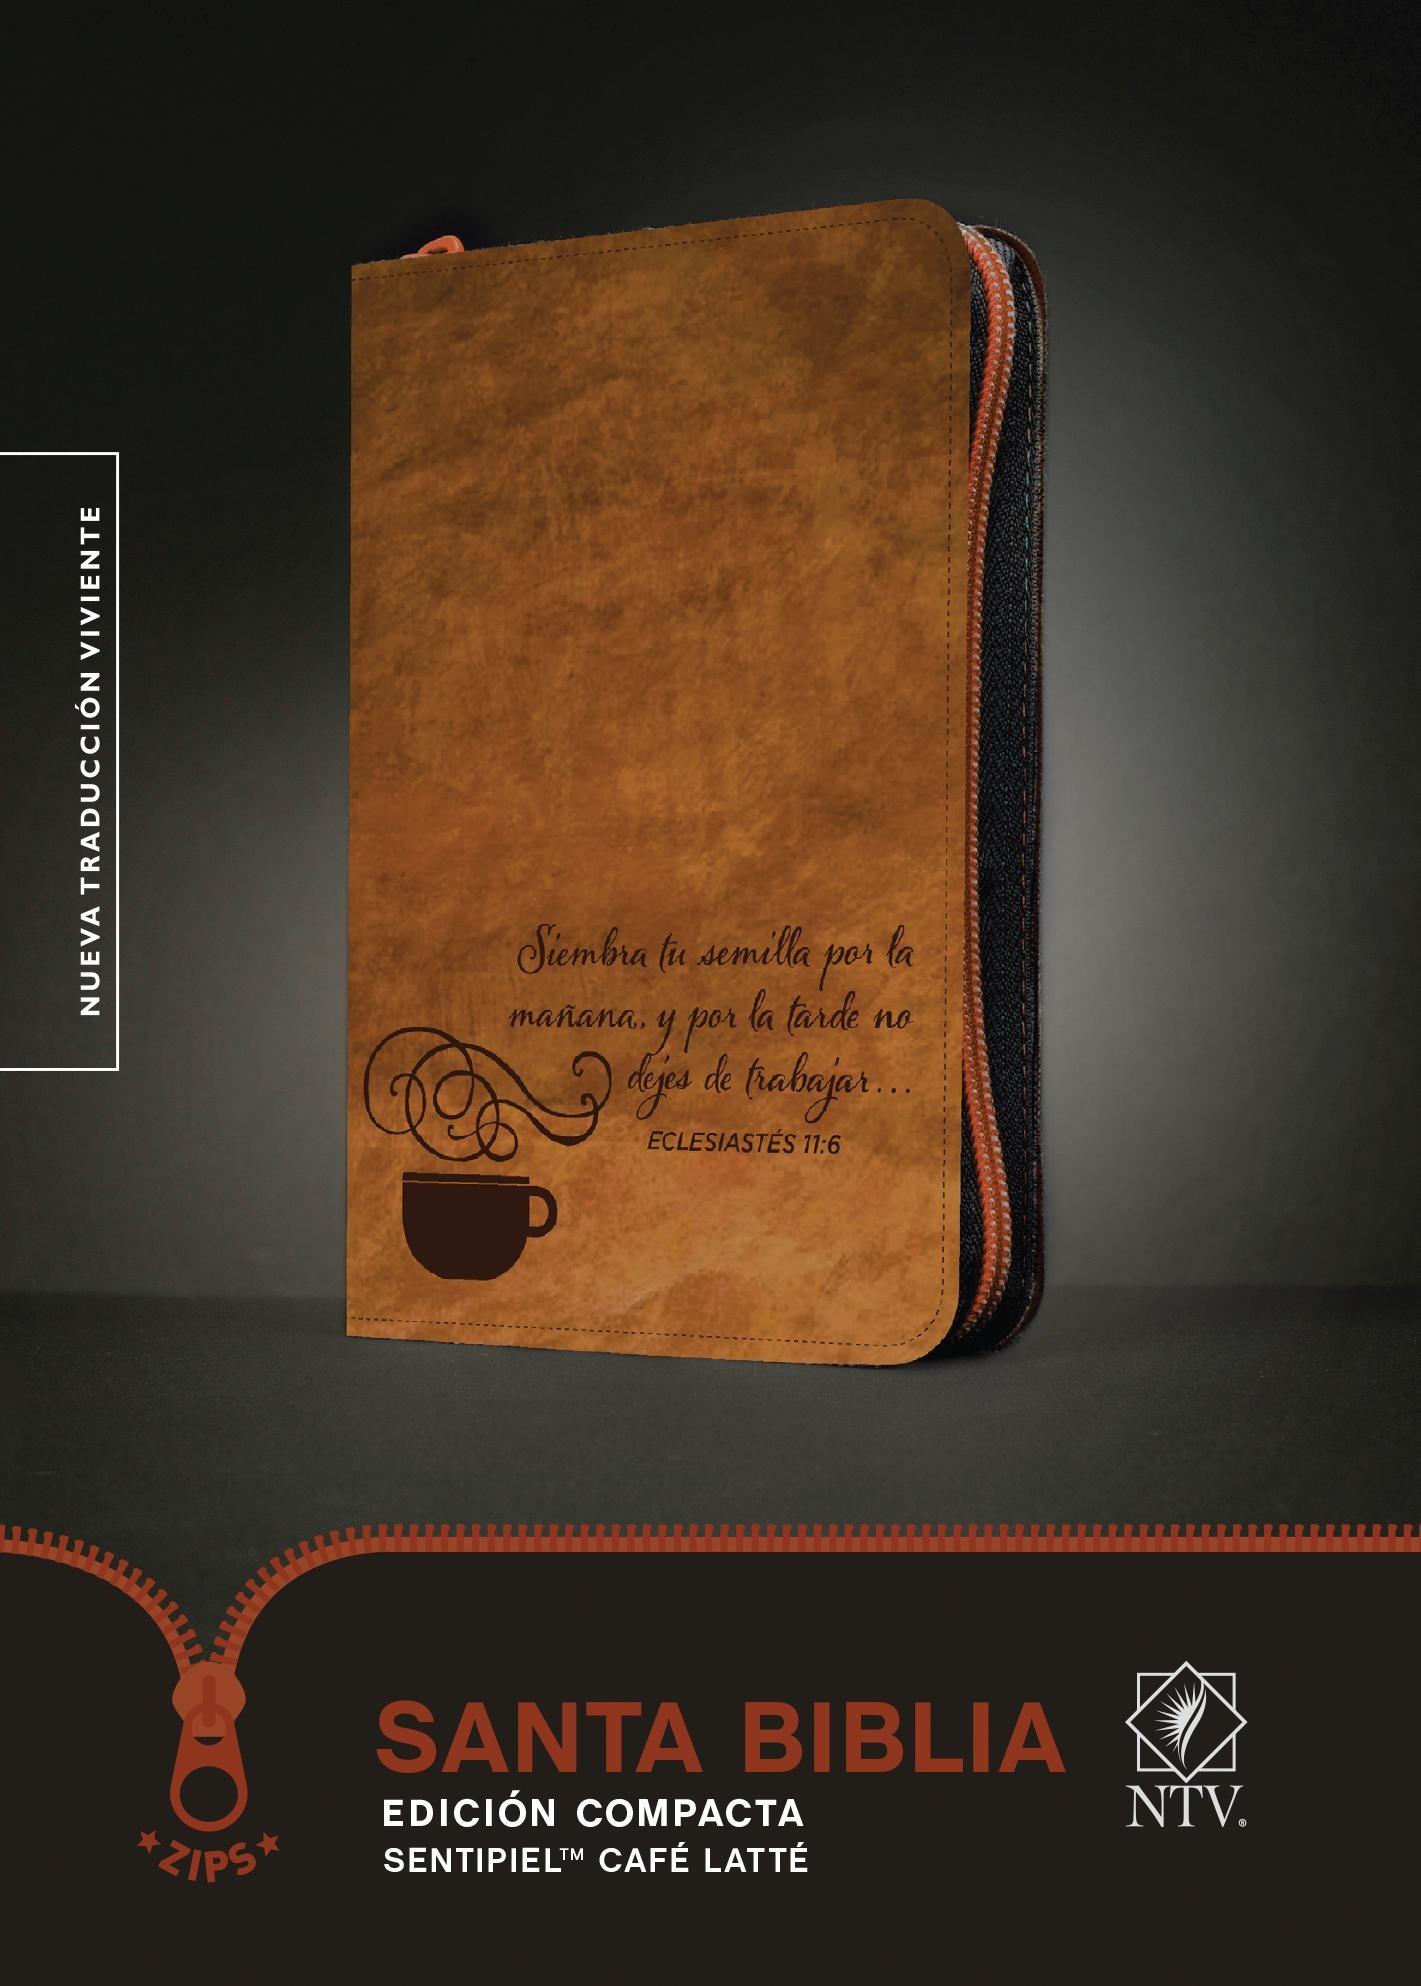 Santa Biblia NTV, Edición compacta, Café latté: Holy Bible NTV, Compact Edition, Coffee Latte